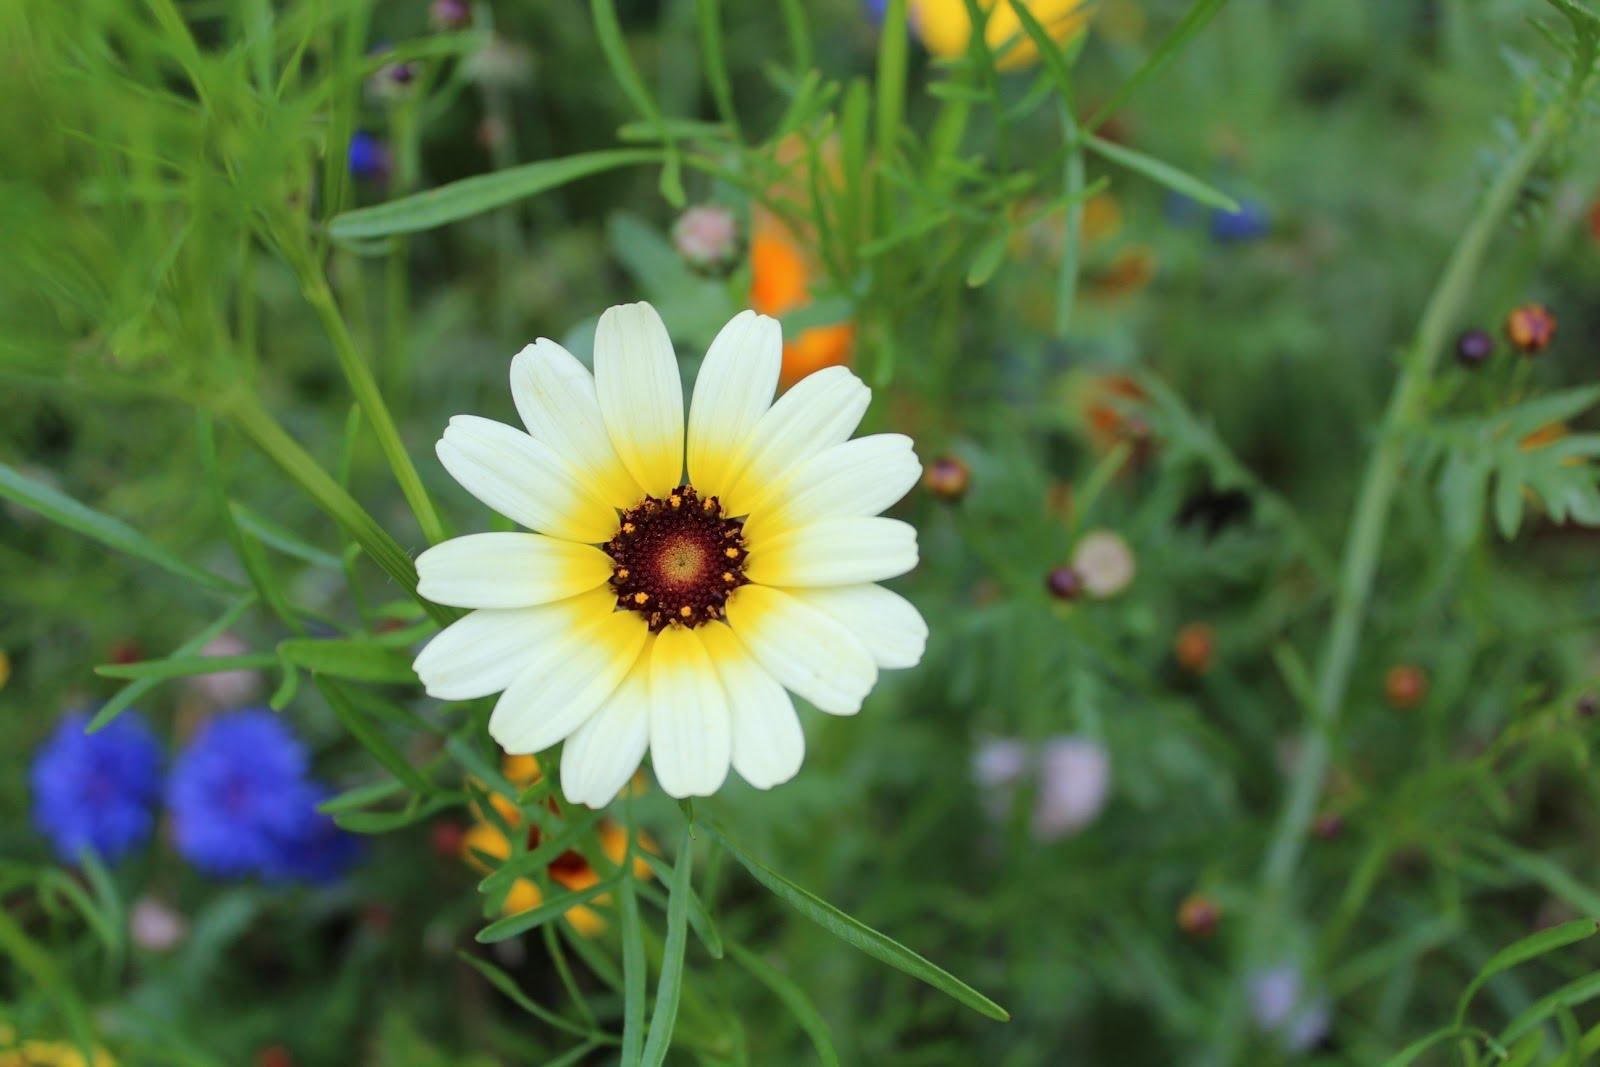 Kỹ thuật trồng hoa Cúc dại ngay tại nhà vừa làm cảnh vừa là cây dược liệu chữa bệnh. Ảnh minh họa